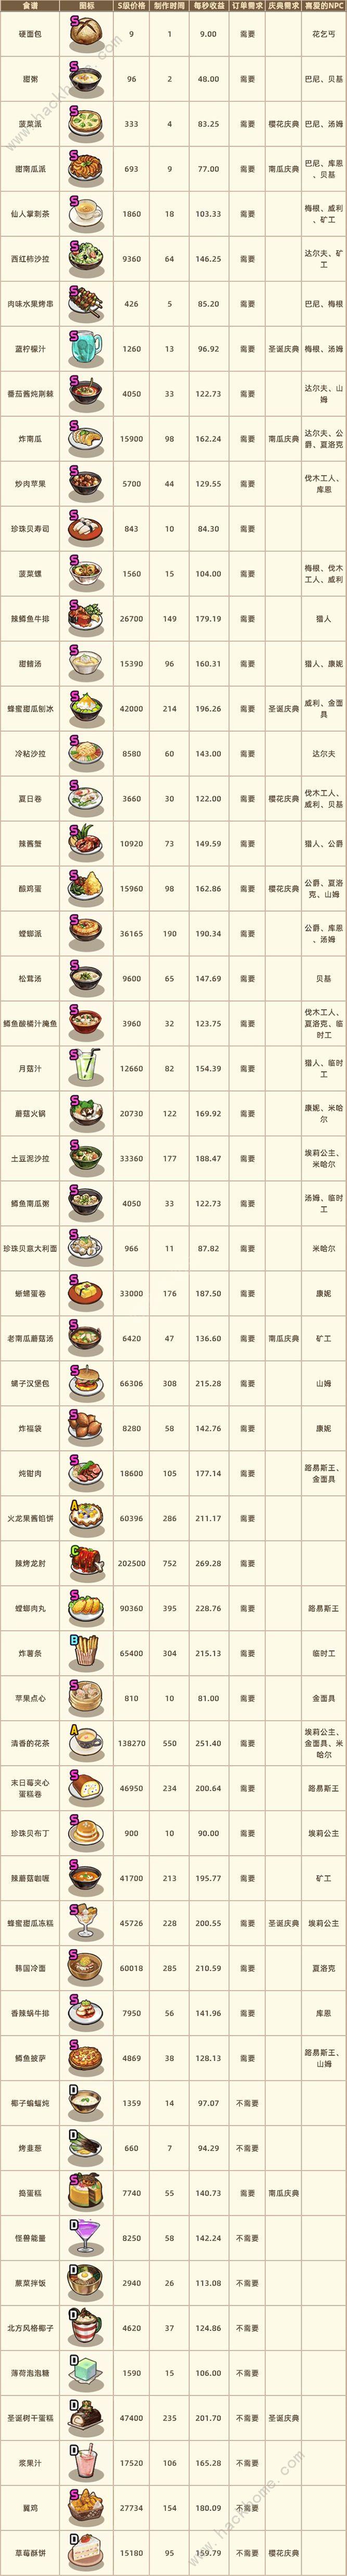 流浪餐厅厨神菜谱攻略大全 所有菜谱等级及卡经验技巧总汇[视频][多图]图片5